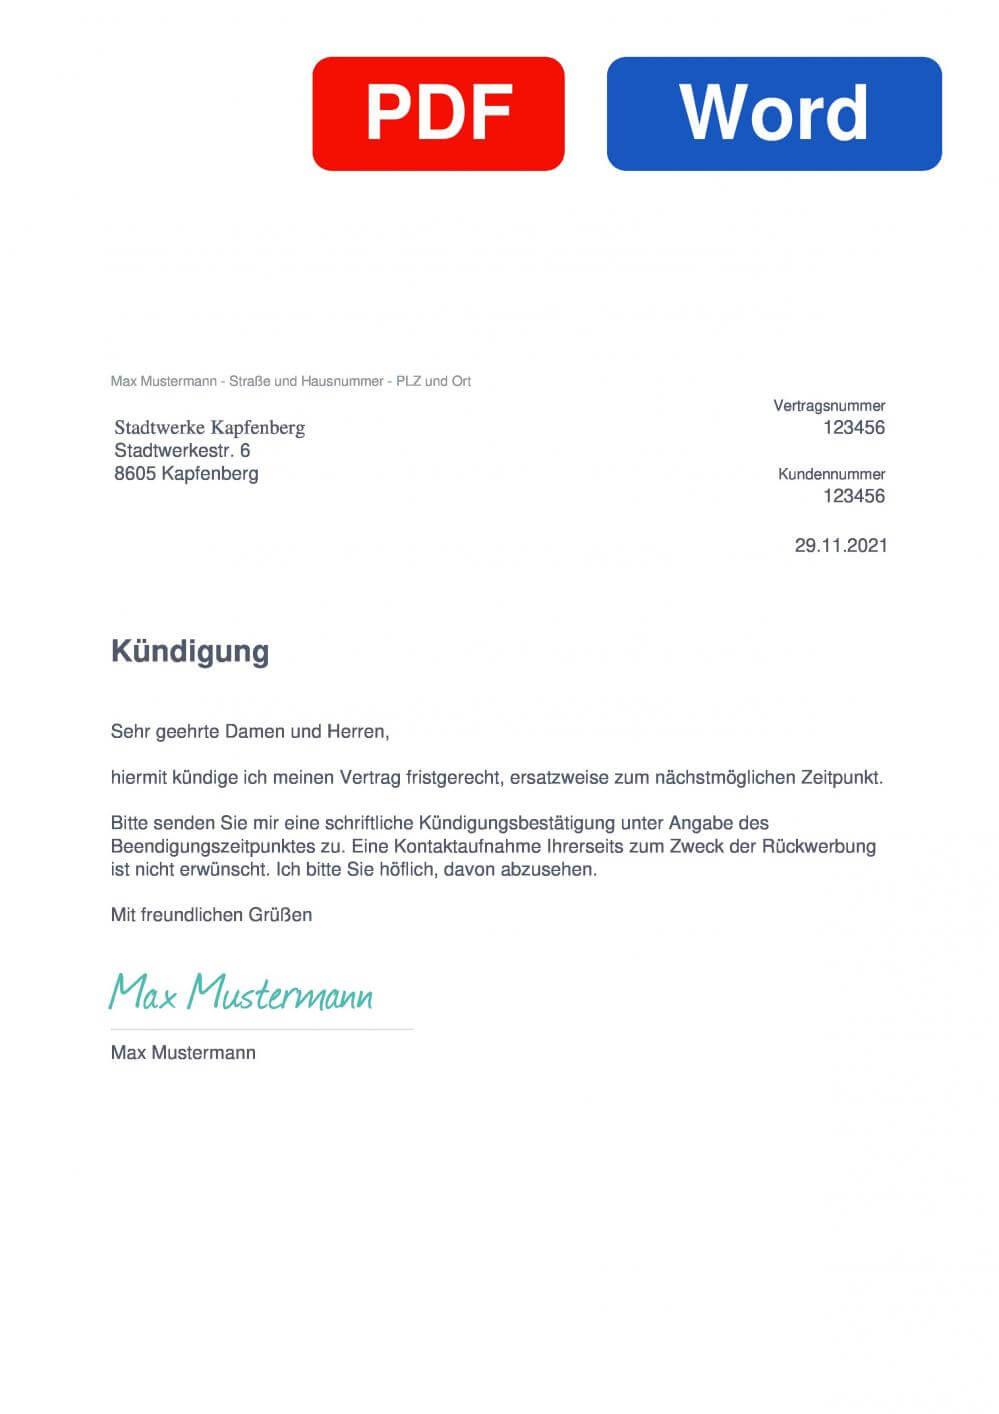 Stadtwerke Kapfenberg Muster Vorlage für Kündigungsschreiben